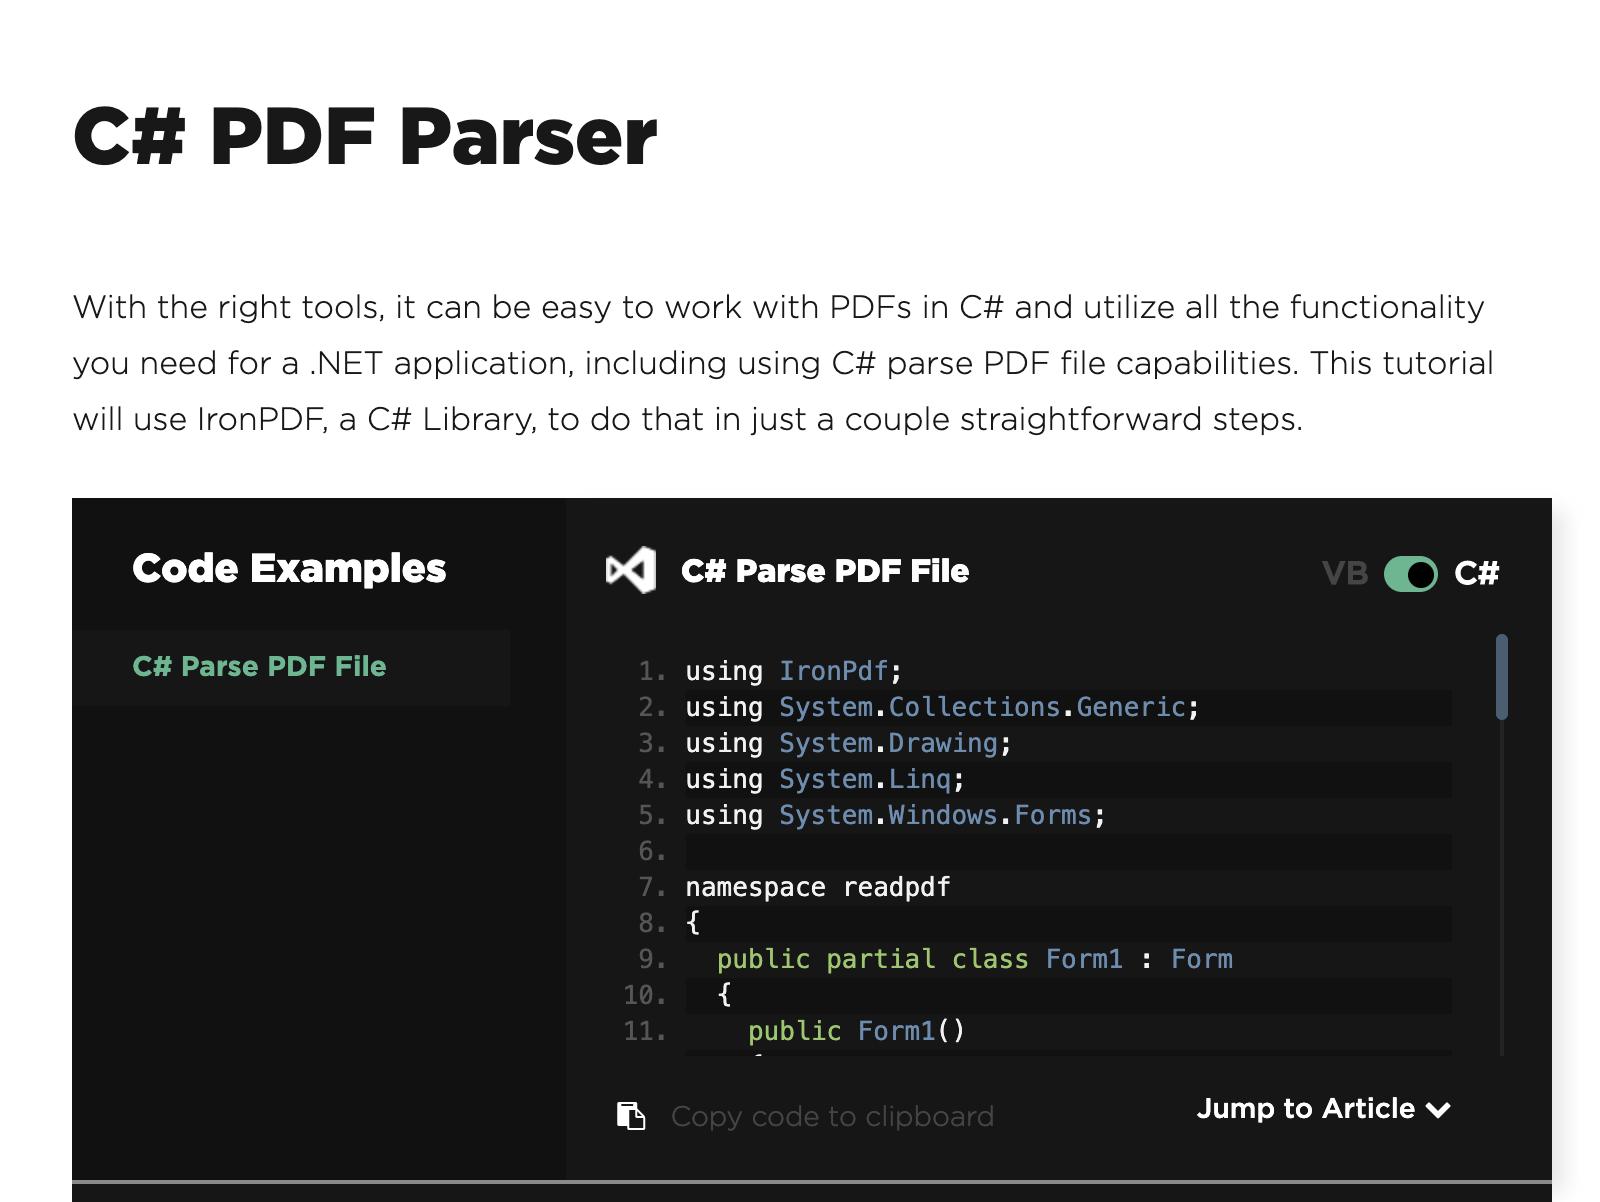 C# PDF Parser